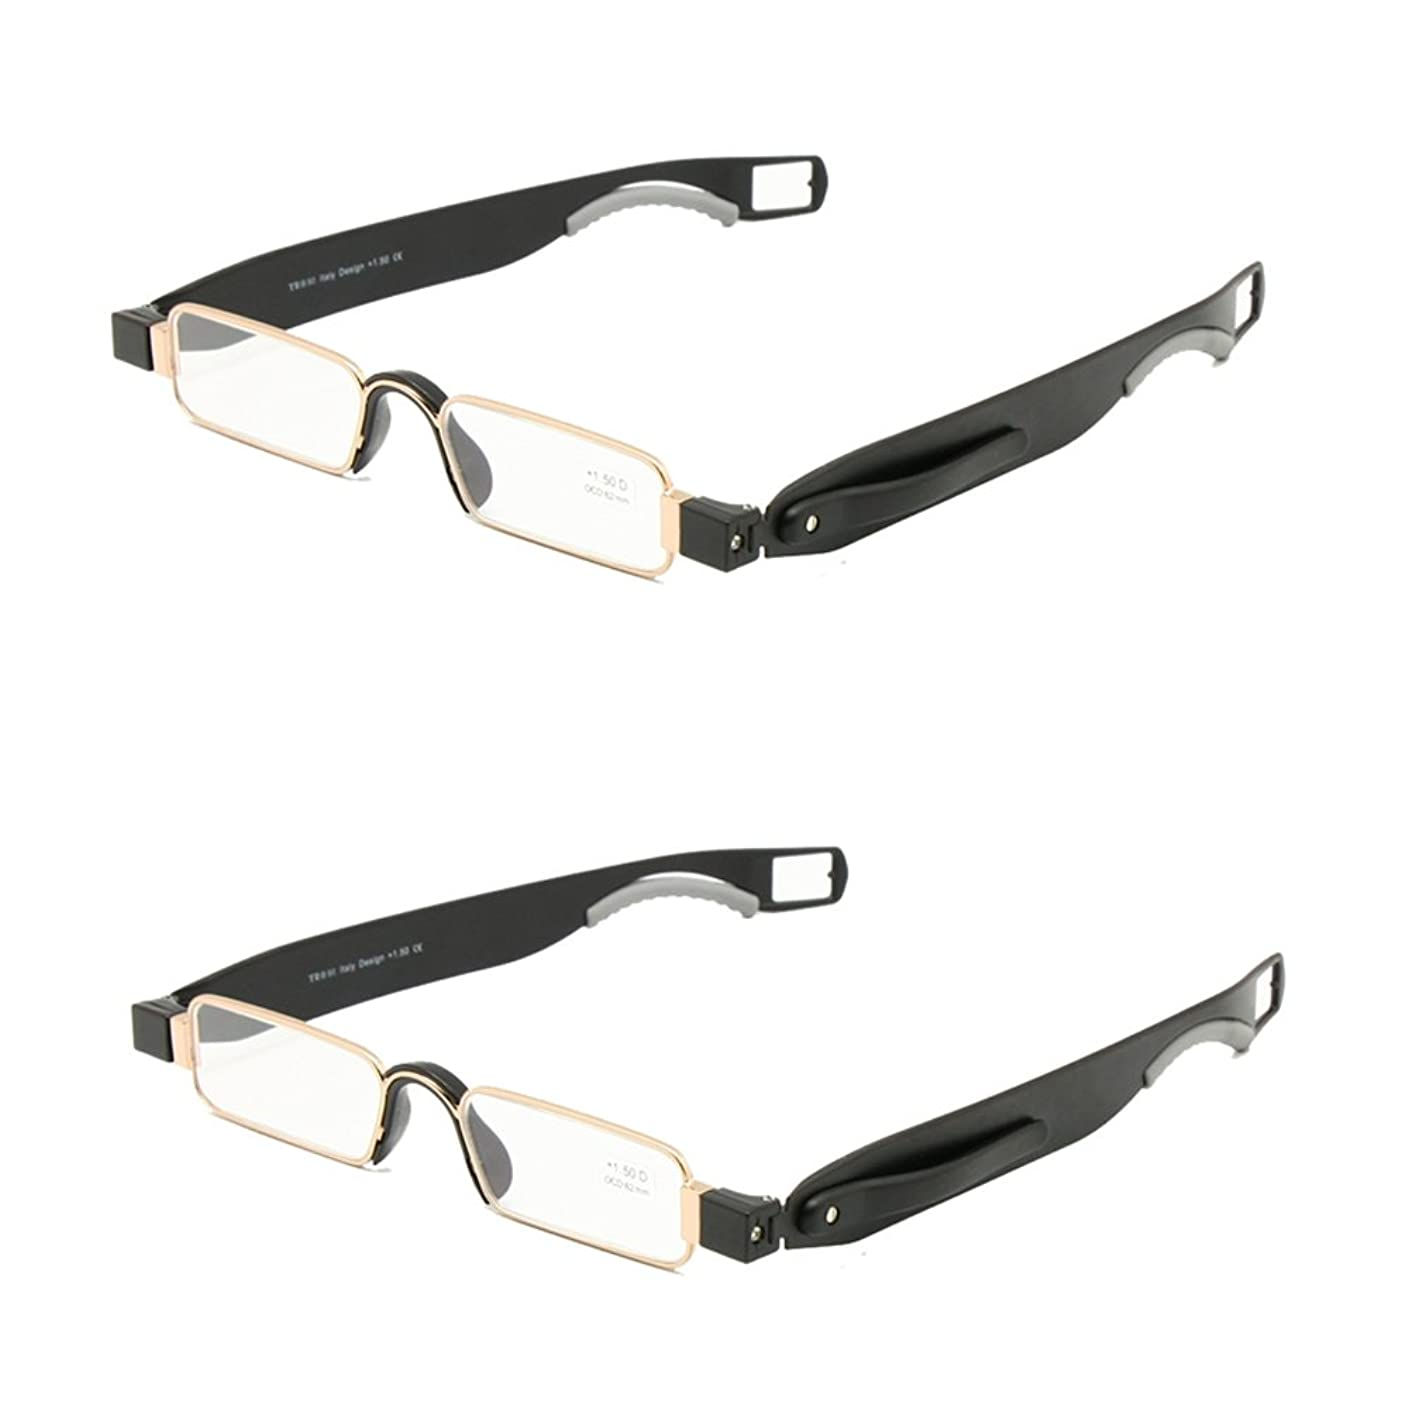 排除する畝間最も遠い折りたたみ老眼鏡レザーケースミニポケットリーダーフラット薄型老眼 + 1.0 ~ + 3.5 (+200, 2組)